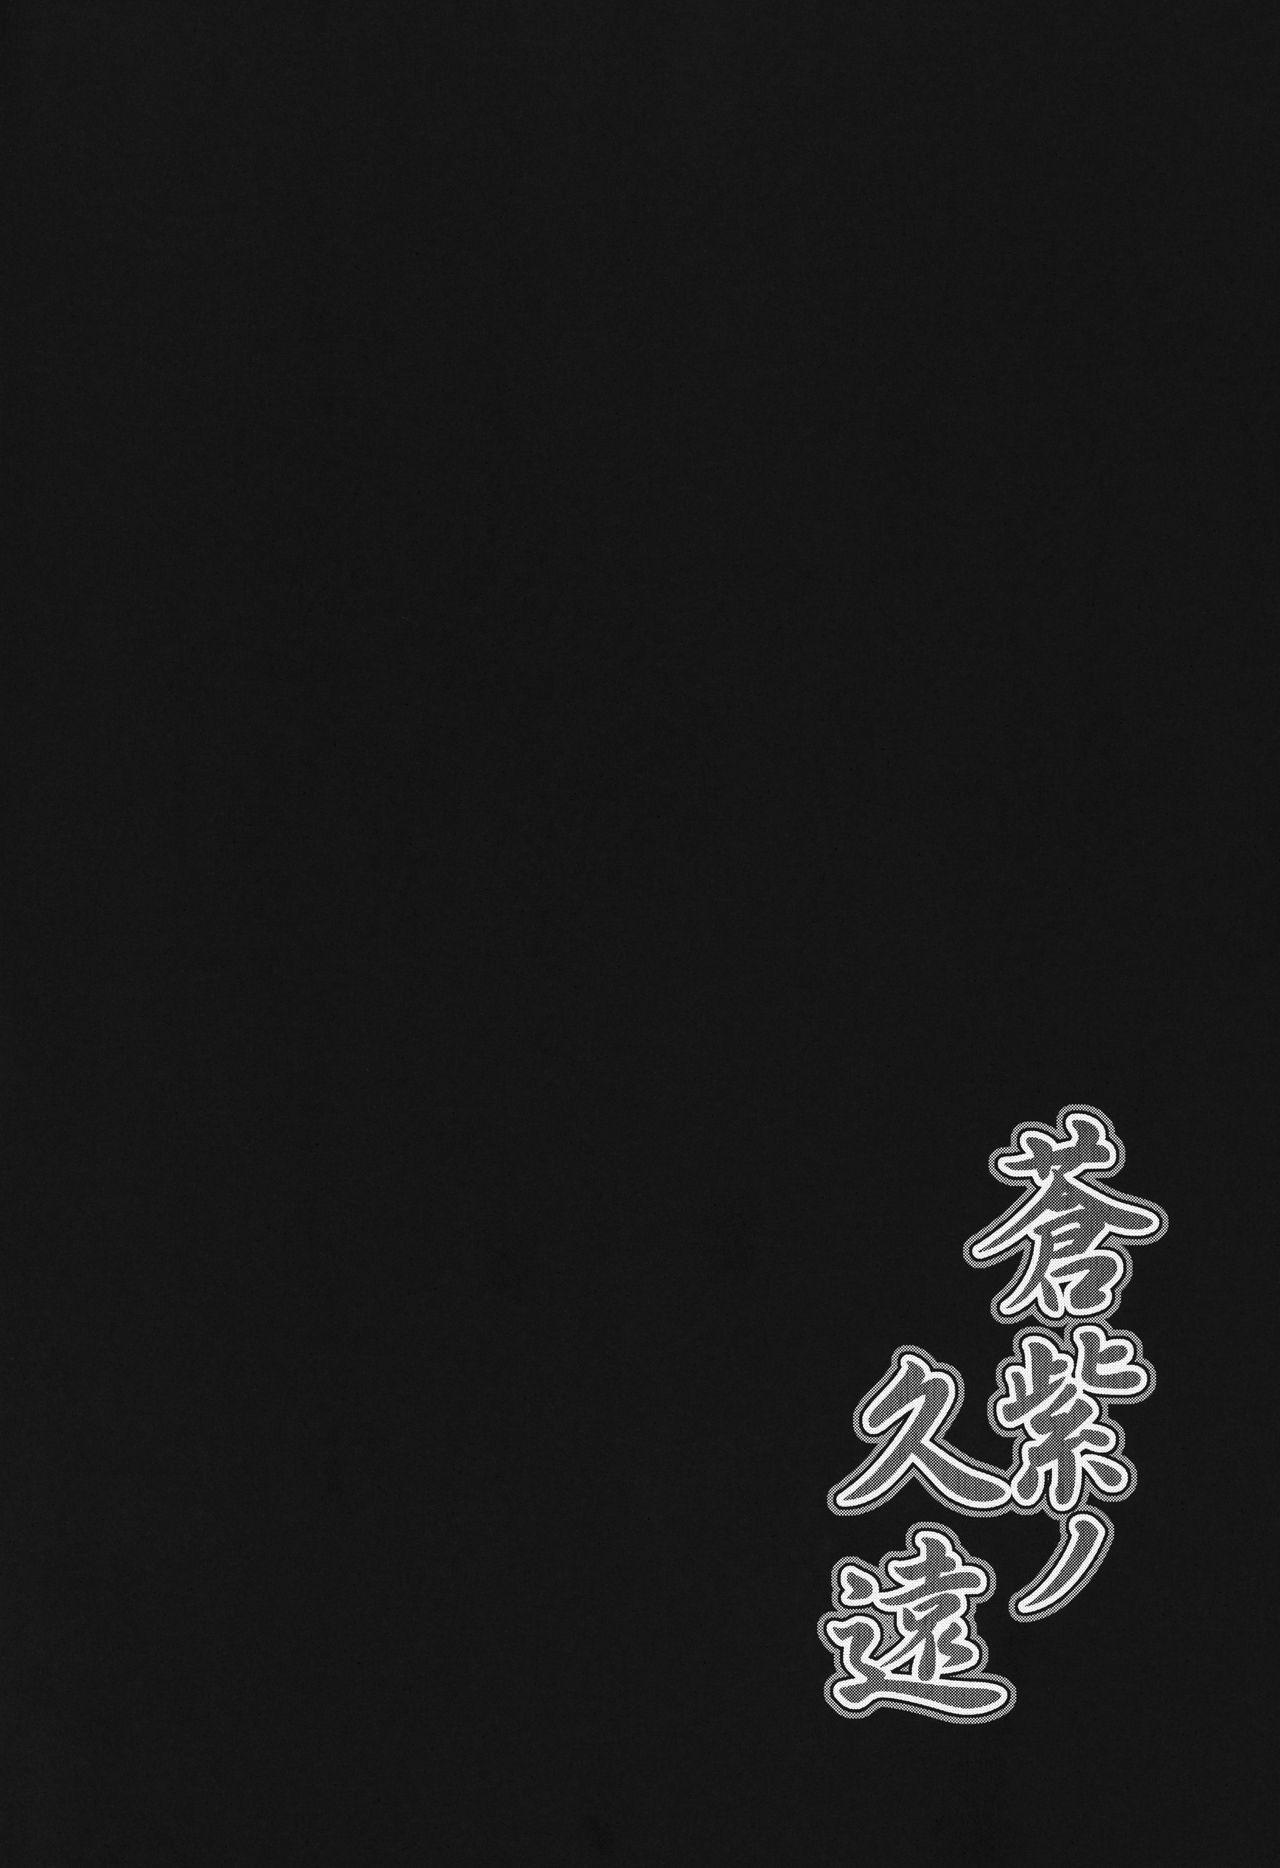 Aoshi no Kuon 2